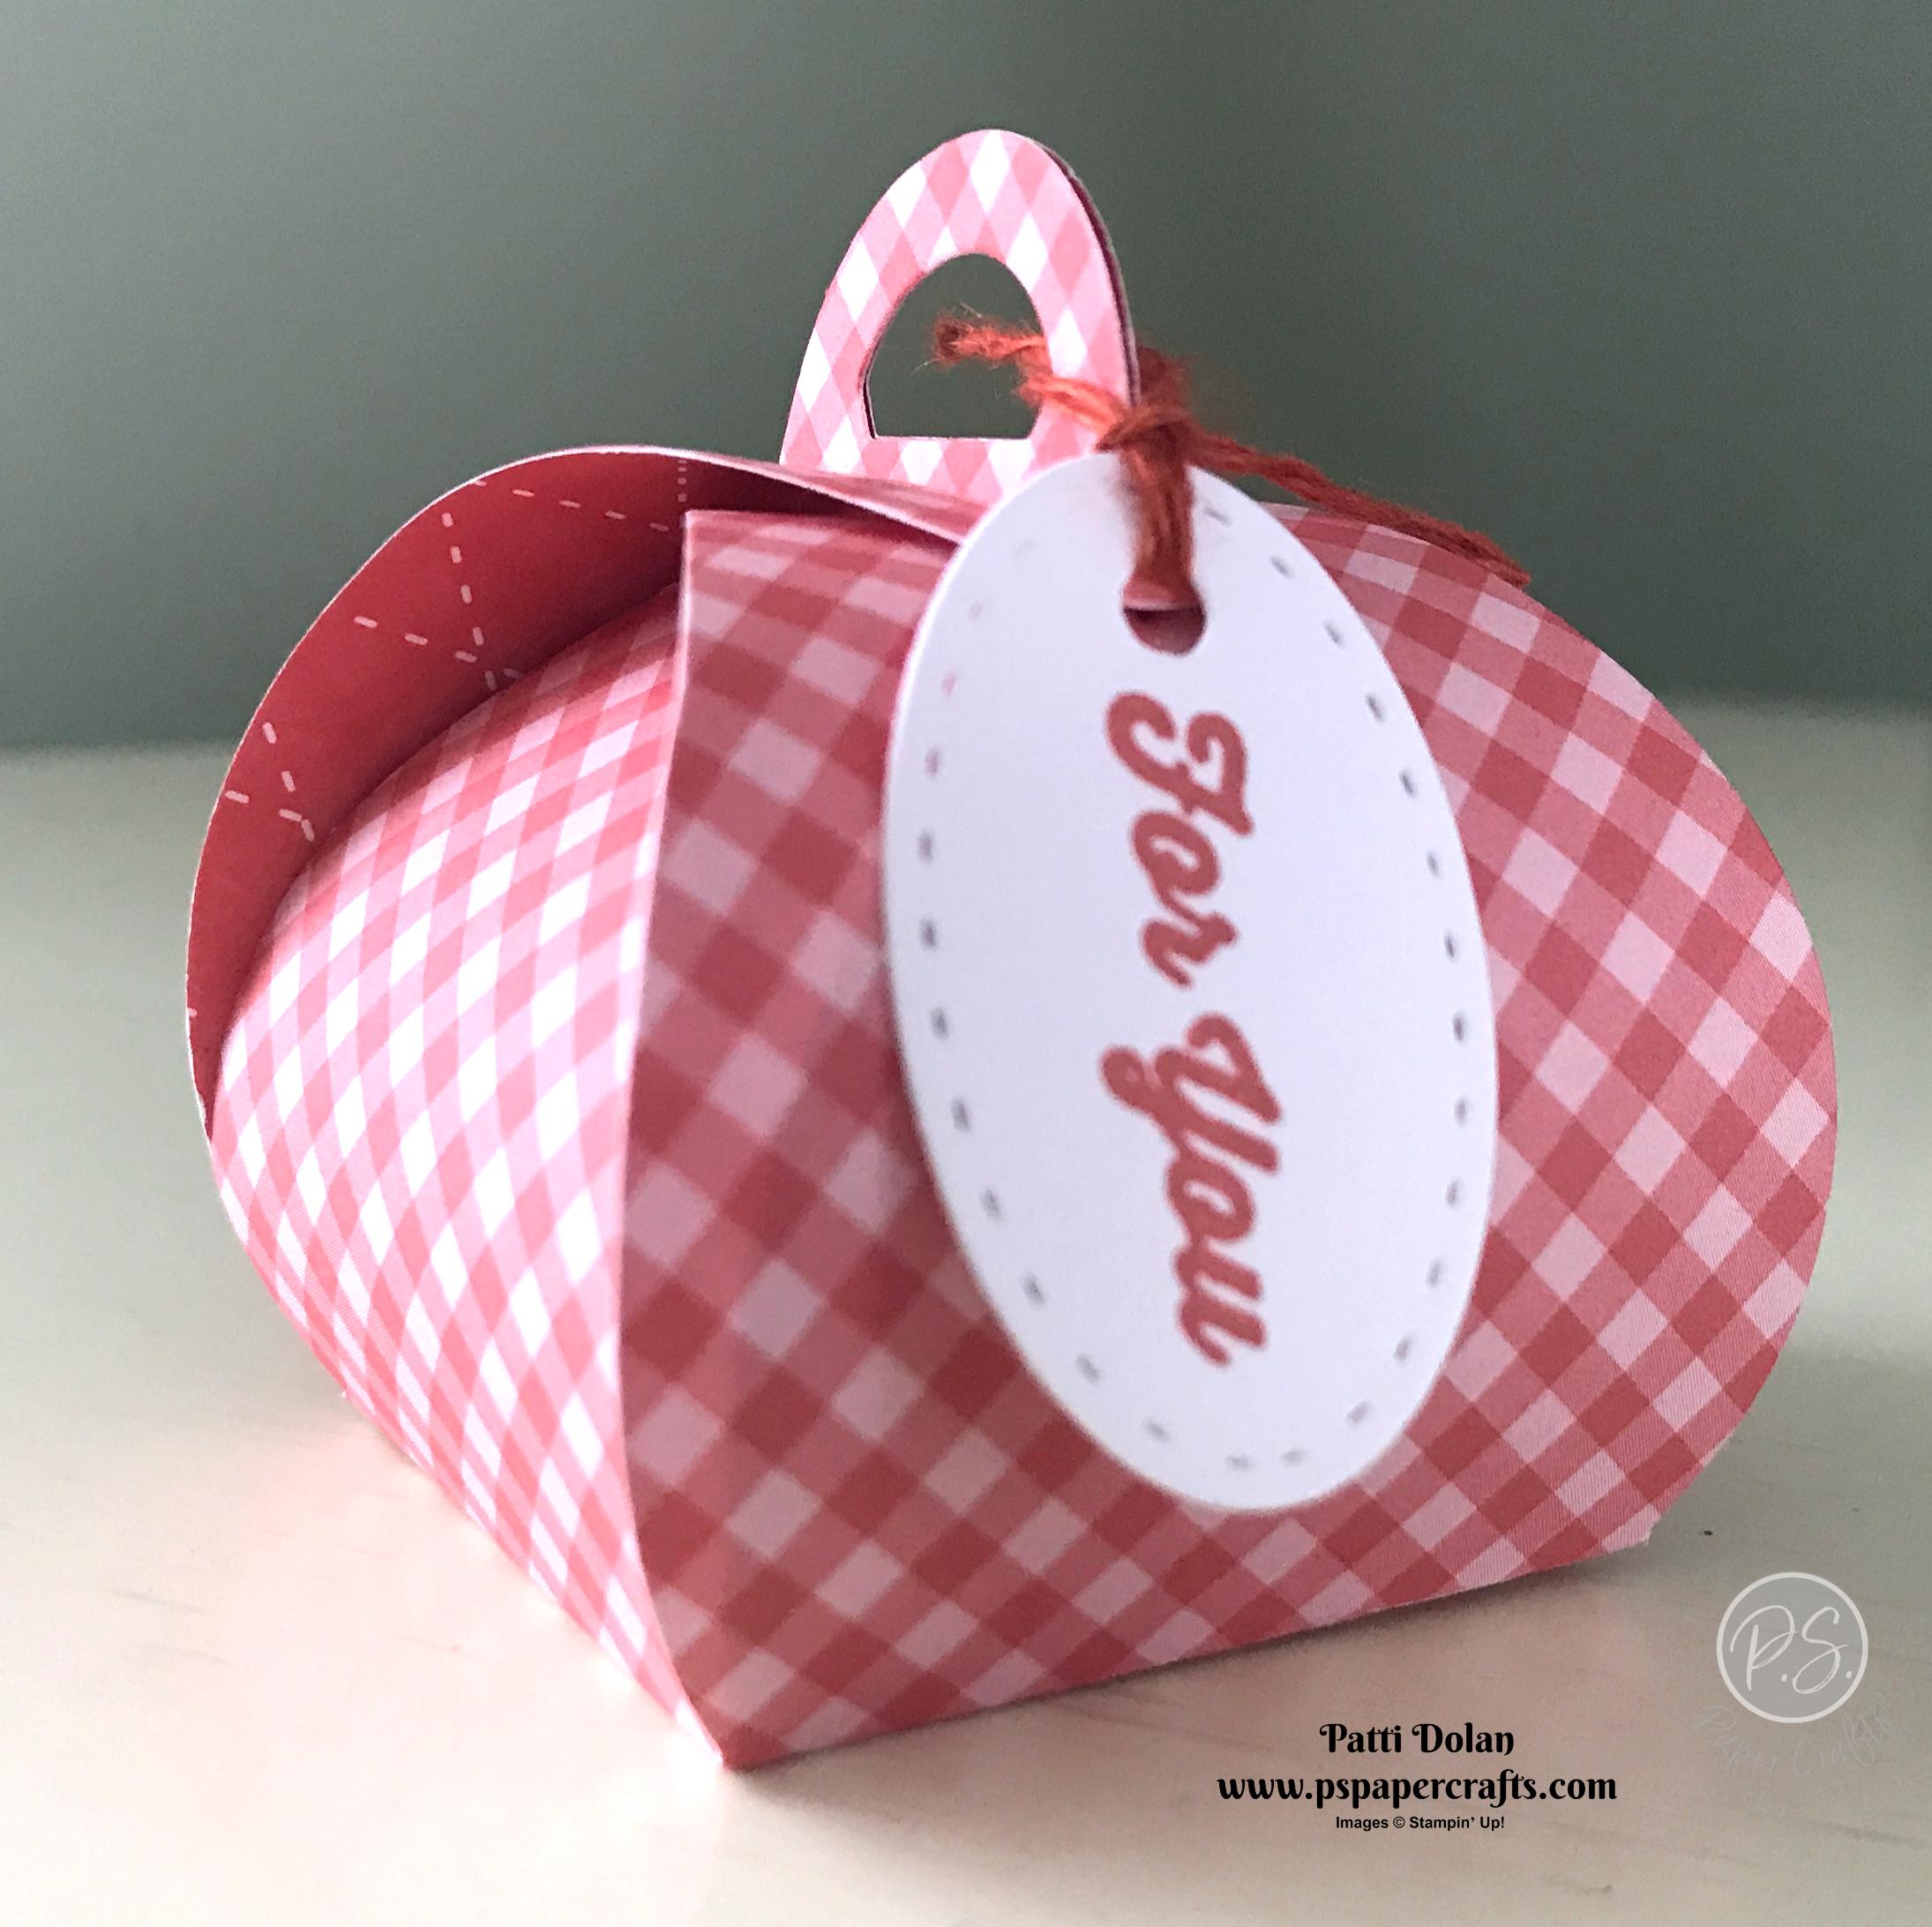 Tiny Keepsakes - Cute Curvy Boxes4.jpg